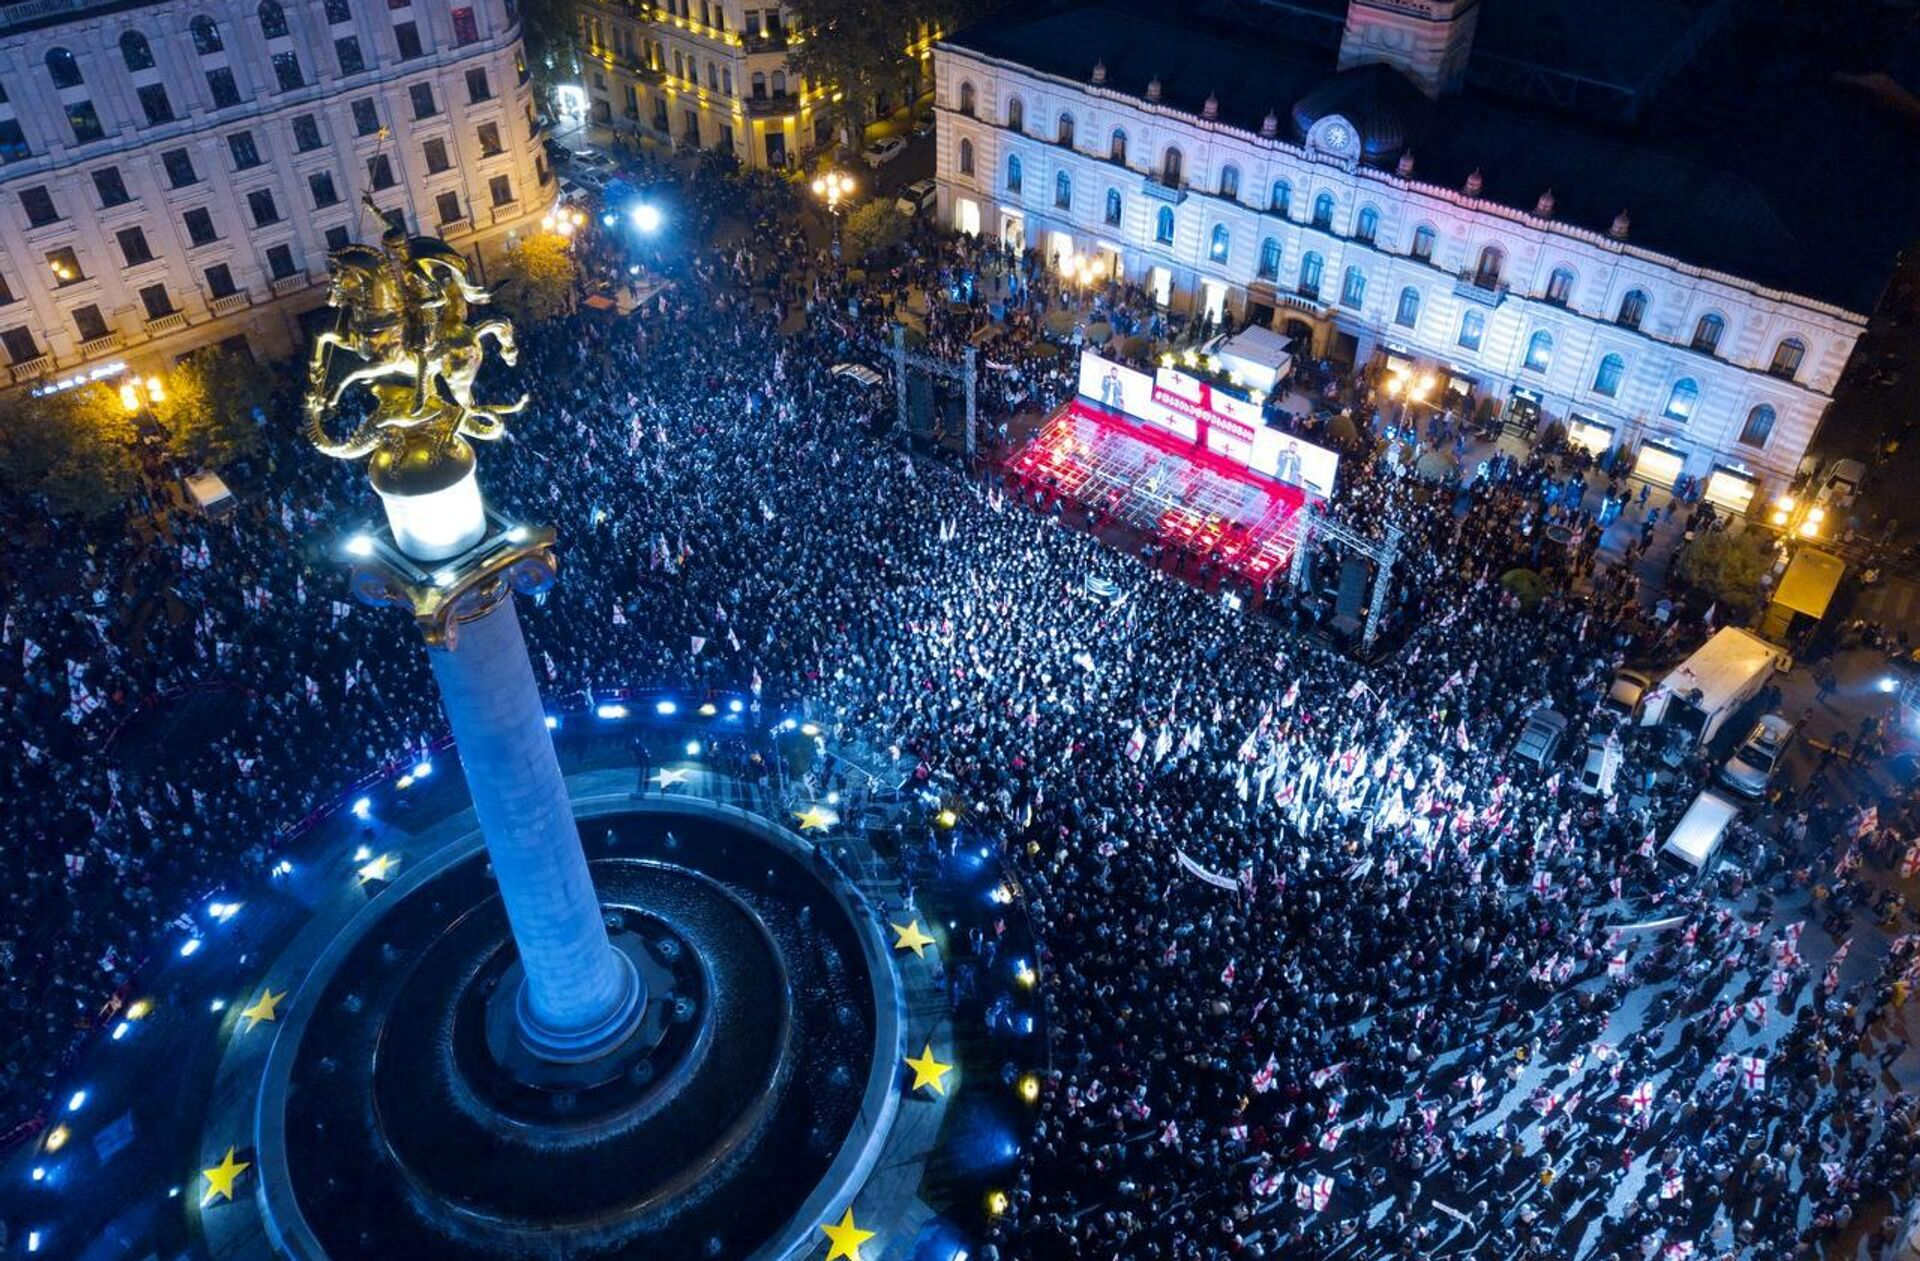 Свободу Саакашвили - акция протеста оппозиции и ЕНД на площади Свободы 14 октября - Sputnik Грузия, 1920, 14.10.2021